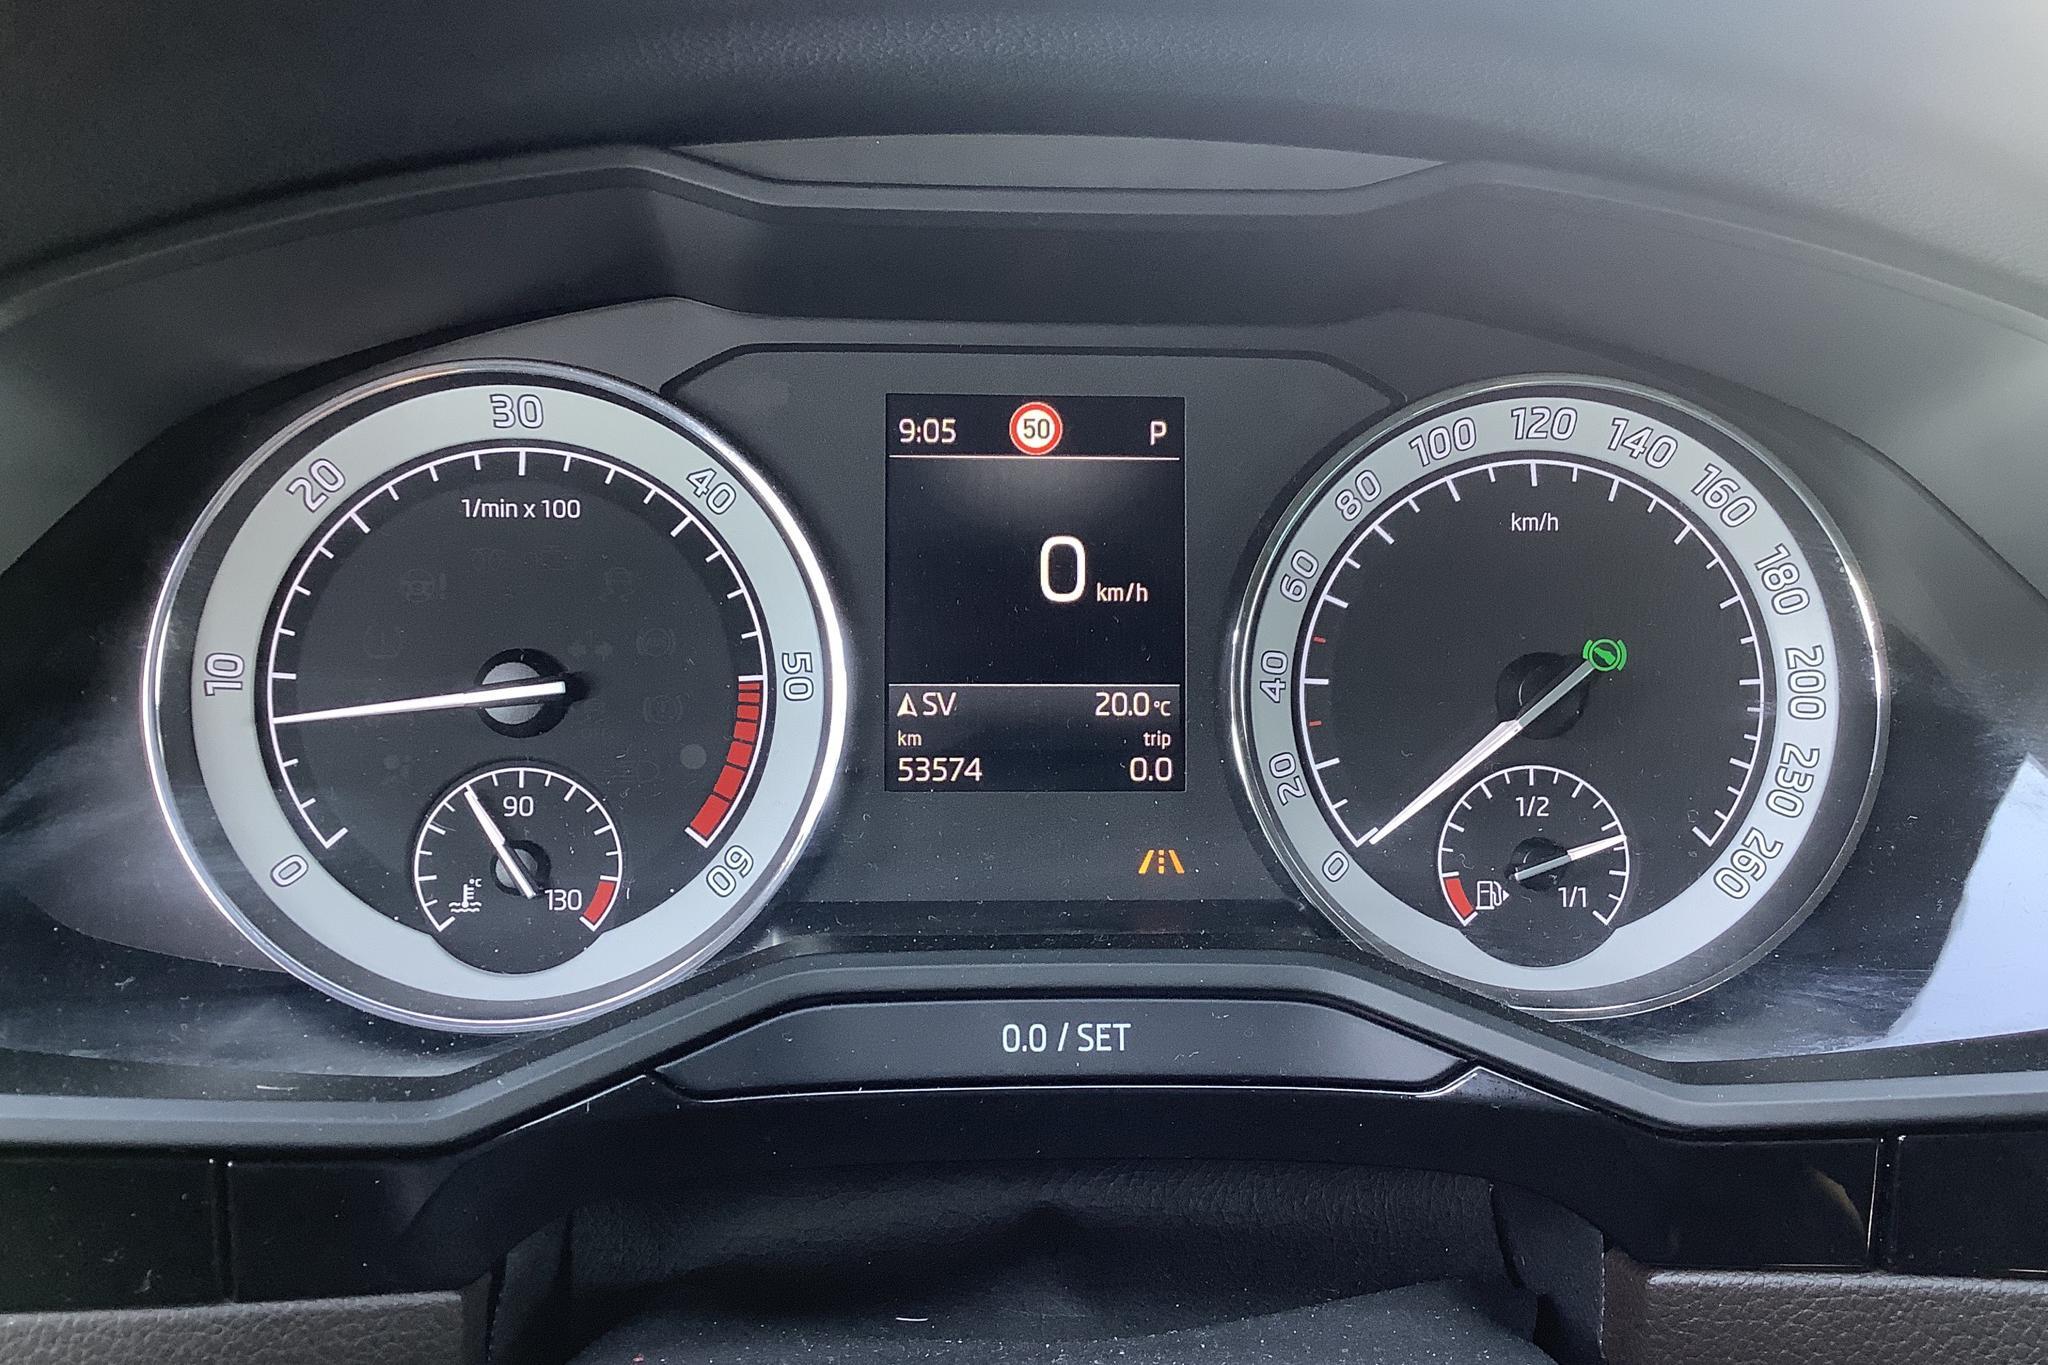 Skoda Superb 2.0 TDI 4x4 Kombi (190hk) - 5 358 mil - Automat - Light Brown - 2019